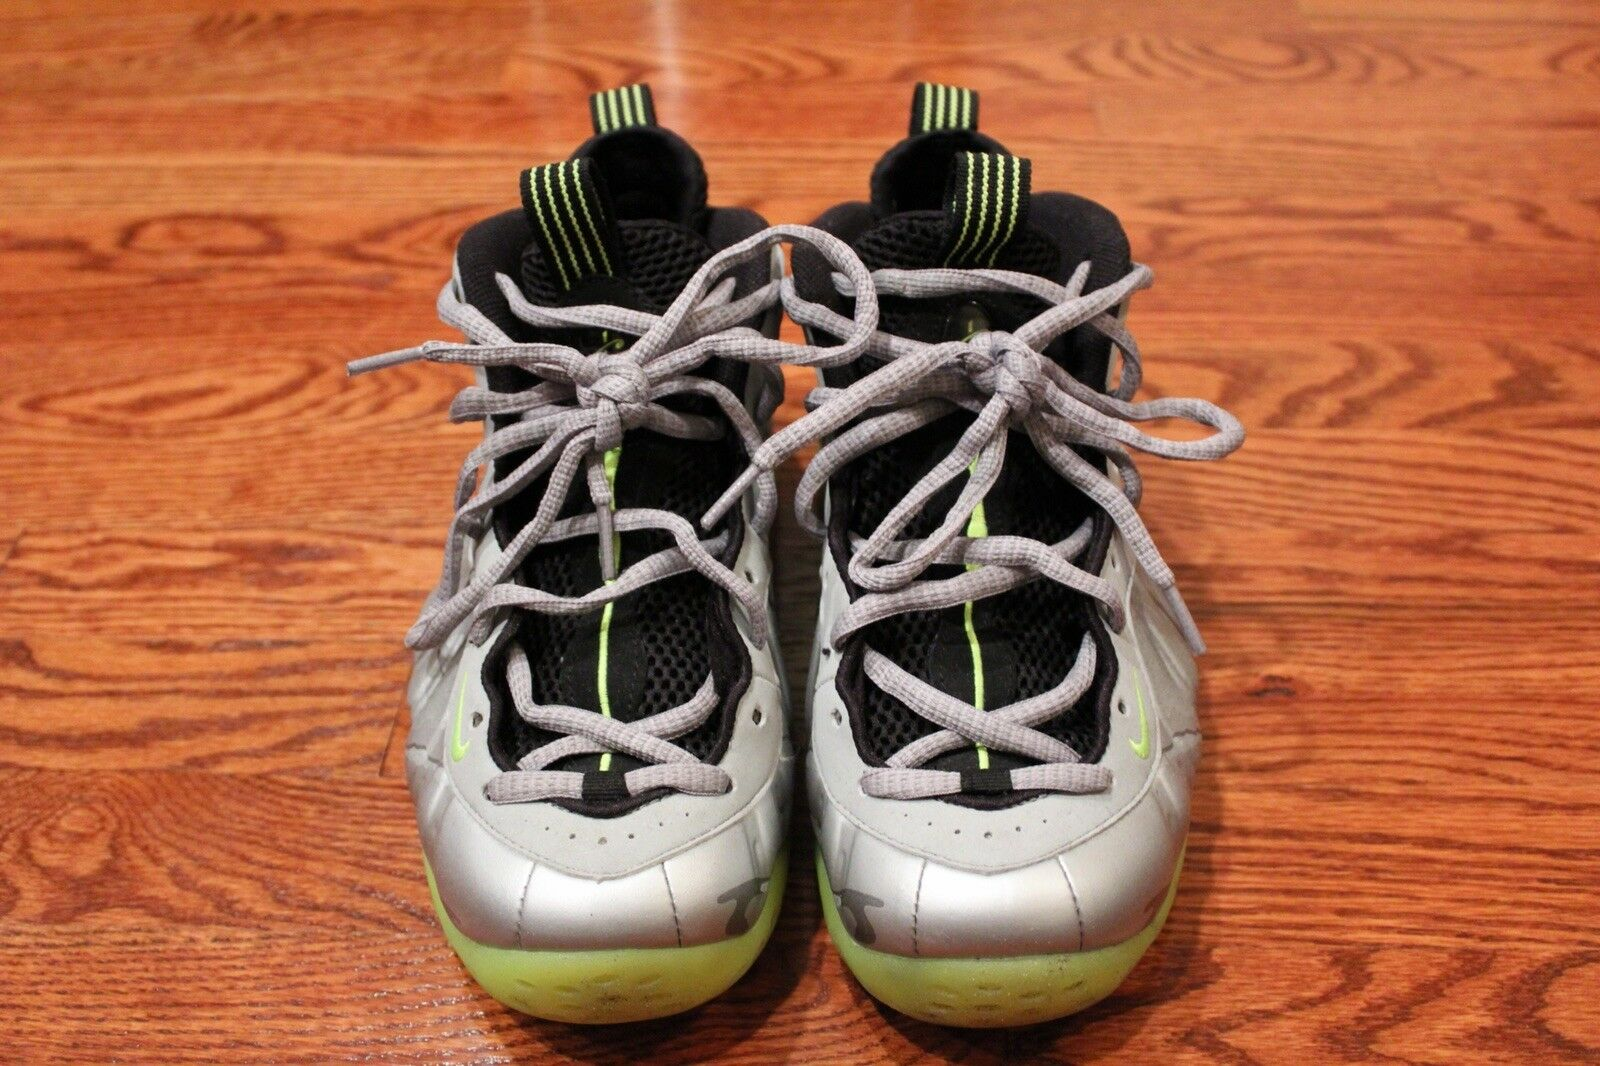 Nike air foamposite una ridotta silver volt mimetico basket 3m dimensioni penny / basket mimetico / posite e24cc3